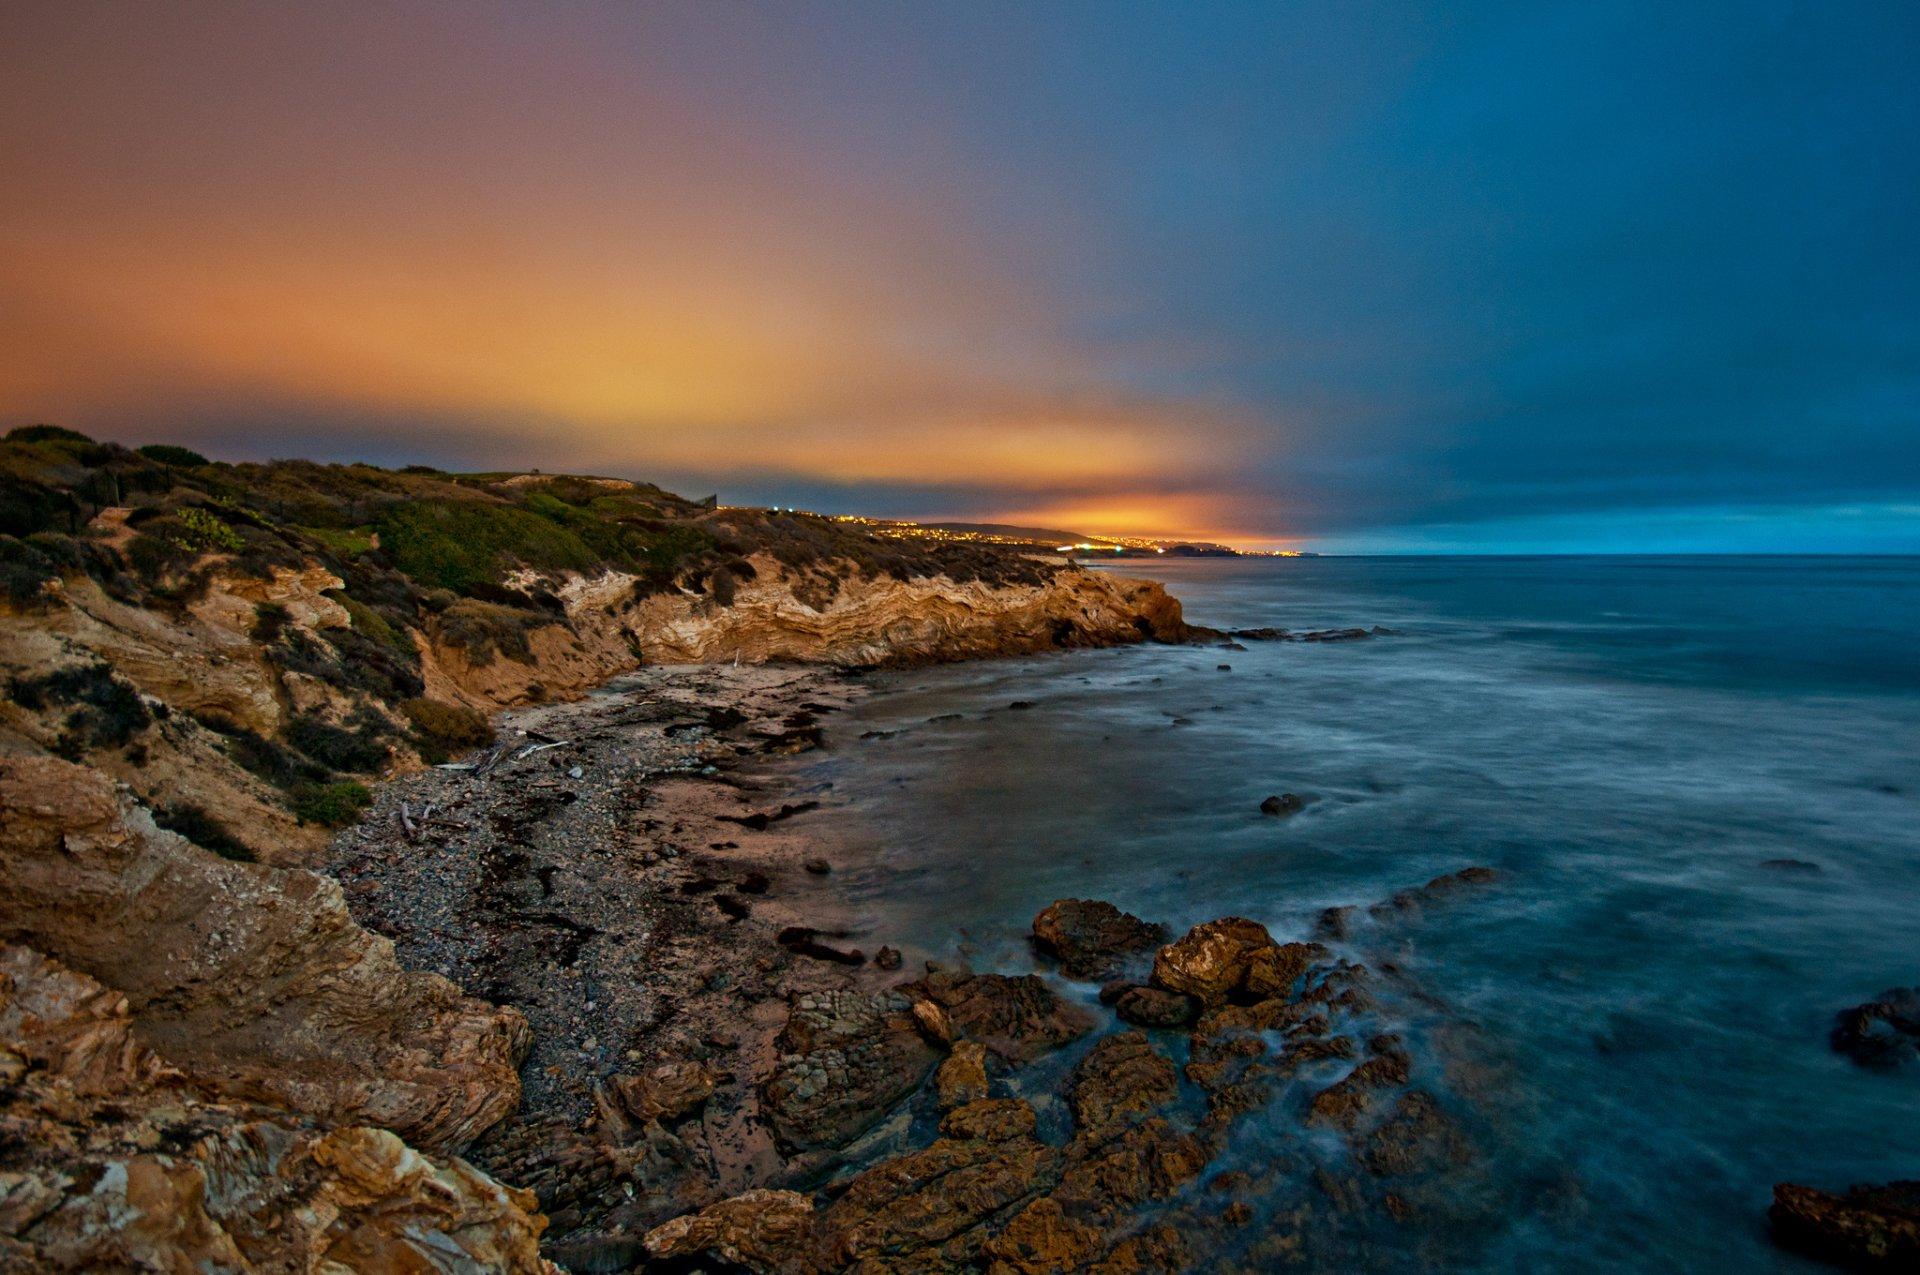 камни сумерки вечер море без смс